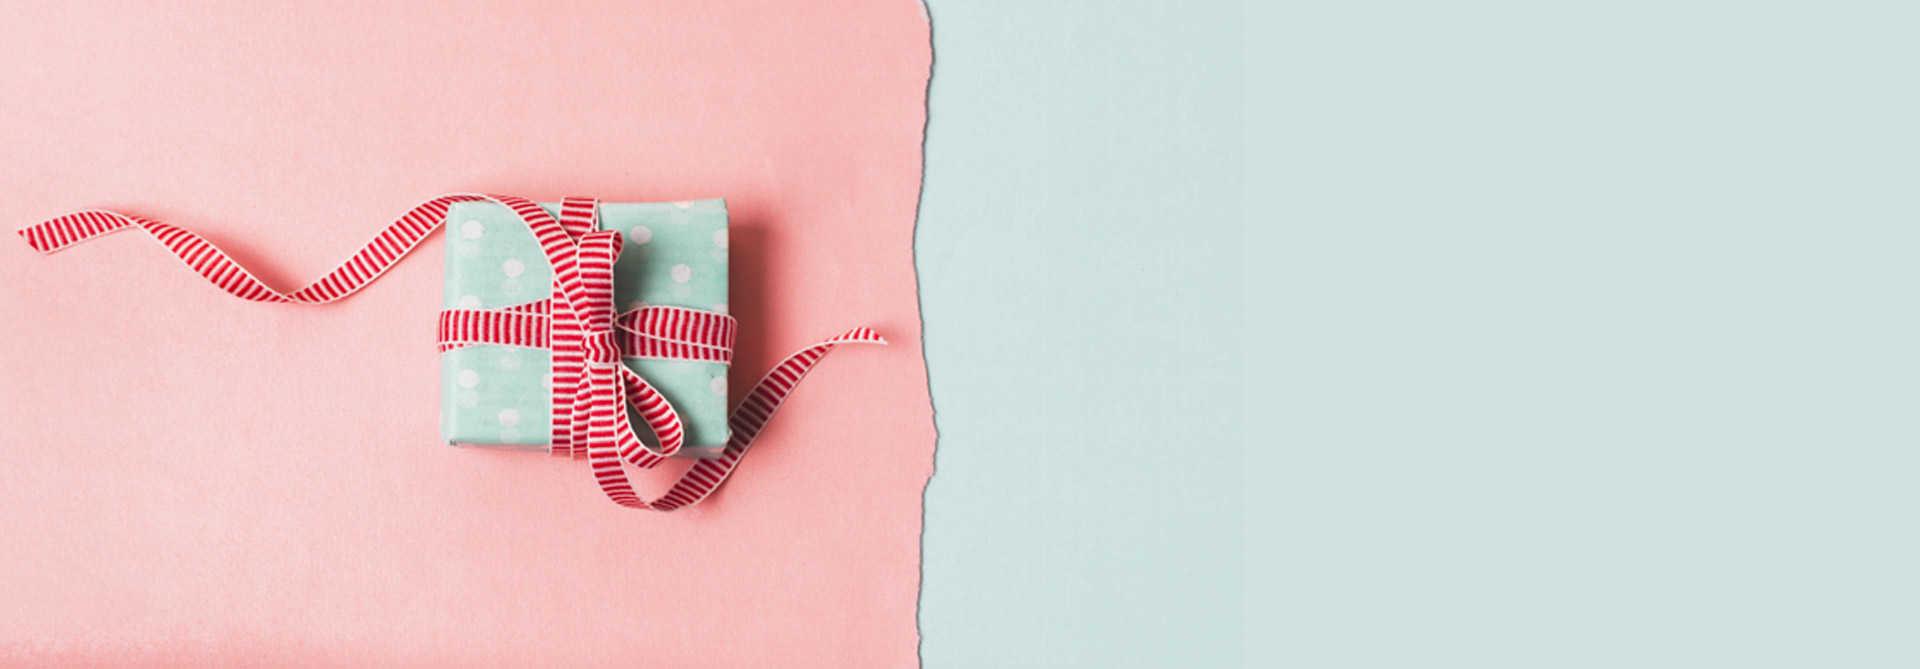 ارسال هدیه به  اراک | خرید هدیه در اراک | گل فروشی ارزان | گلفروشی  اراک | arak Gift